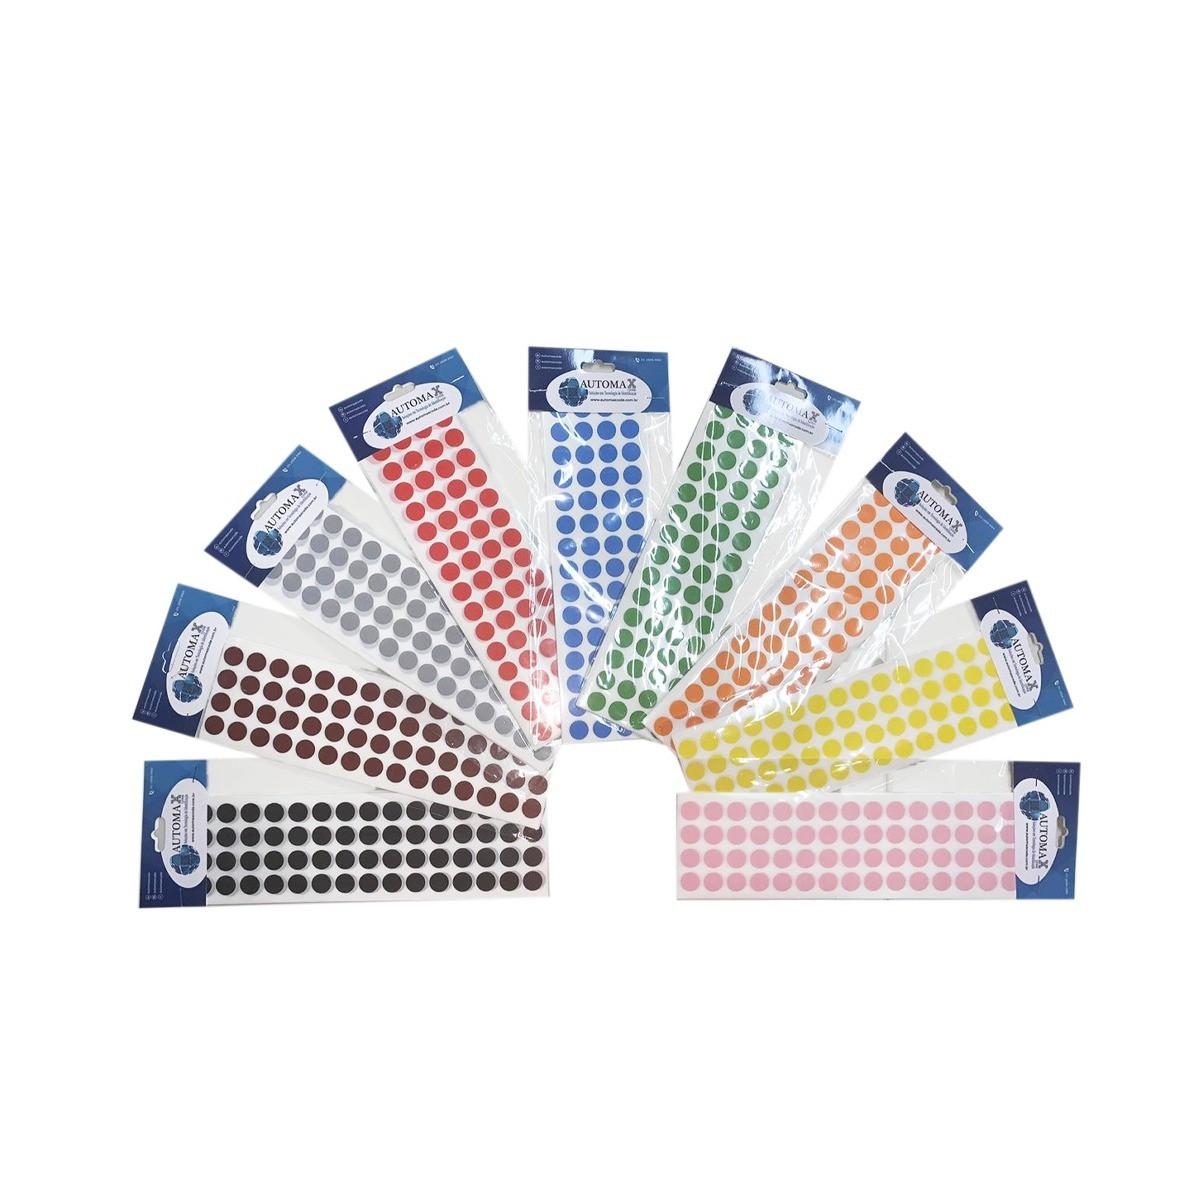 Etiqueta Bolinha Colorida 13mm Cartela Com 1000 Etiquetas